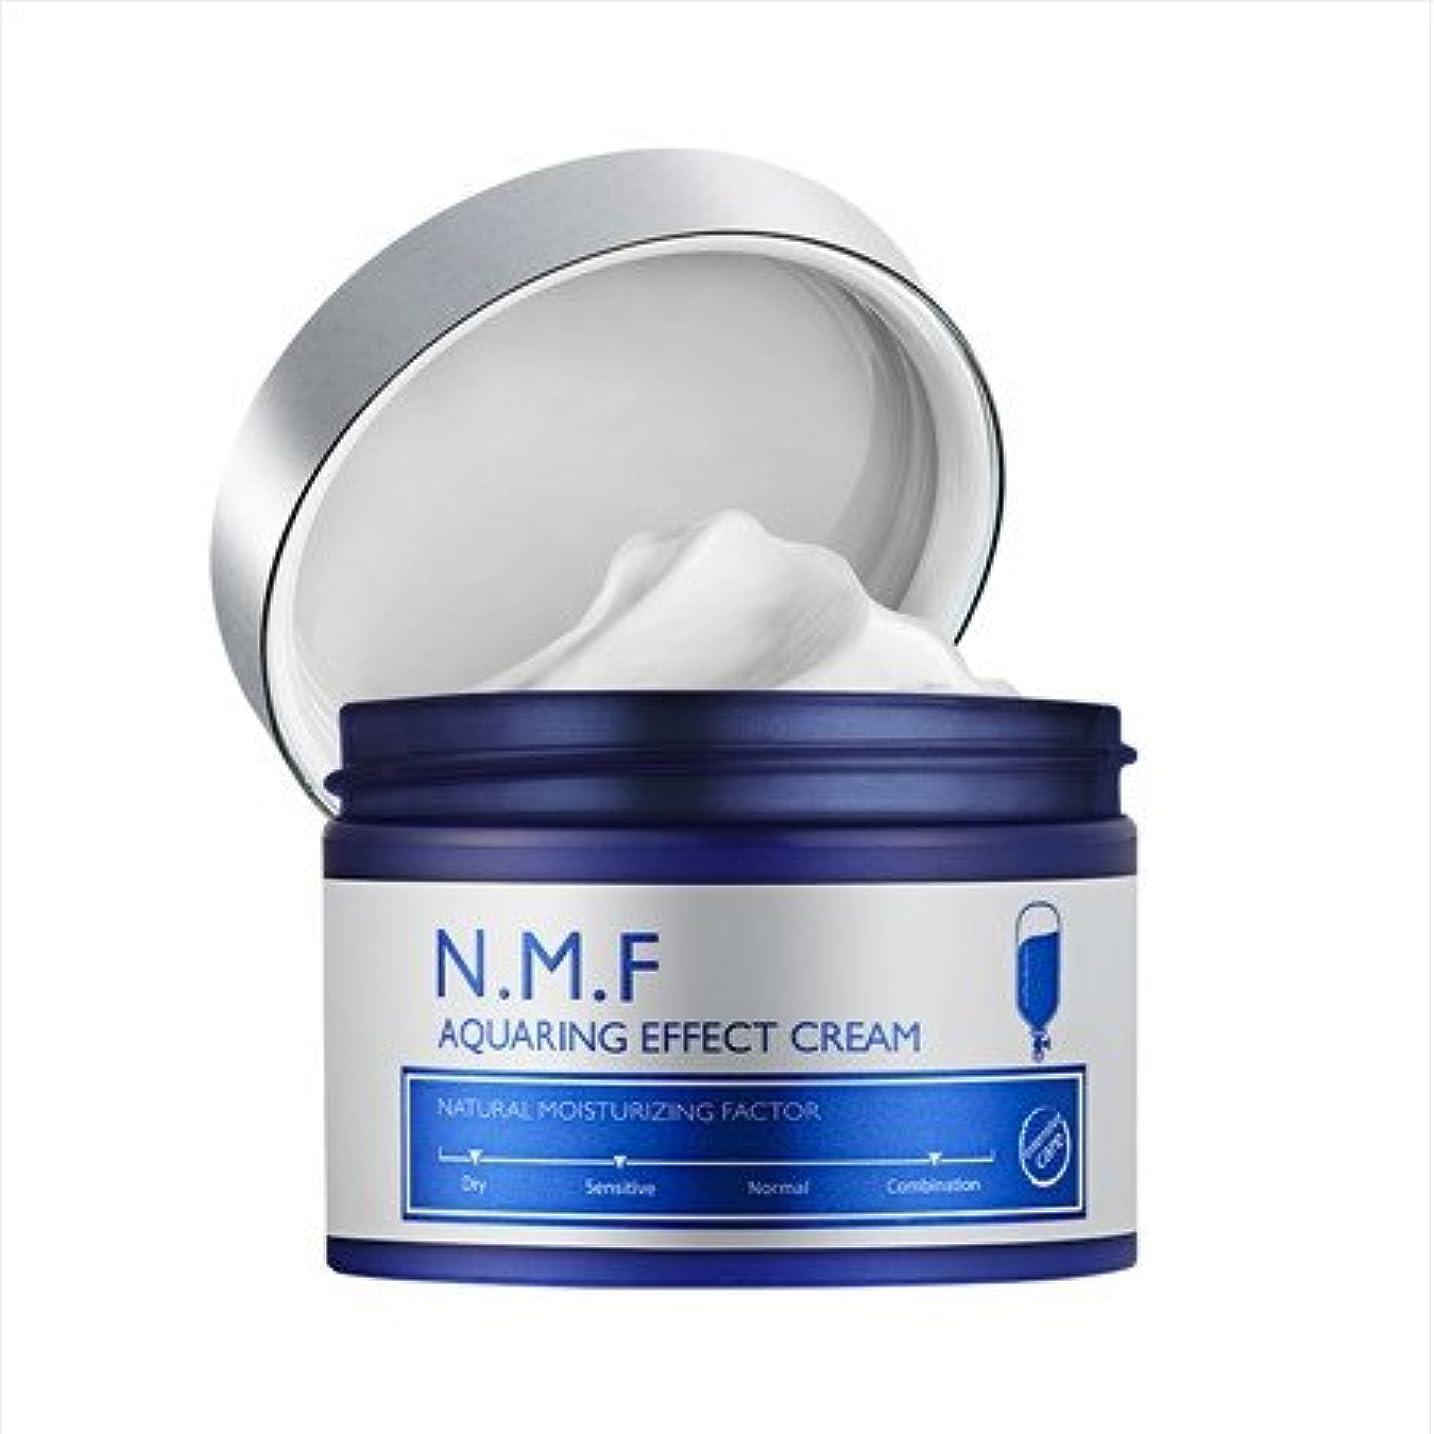 掃くハウジング固体メディヒール Mediheal N.M.F クアリングエフェクトクリームNMF Aqua Ring Effect Cream 50ml [並行輸入品]